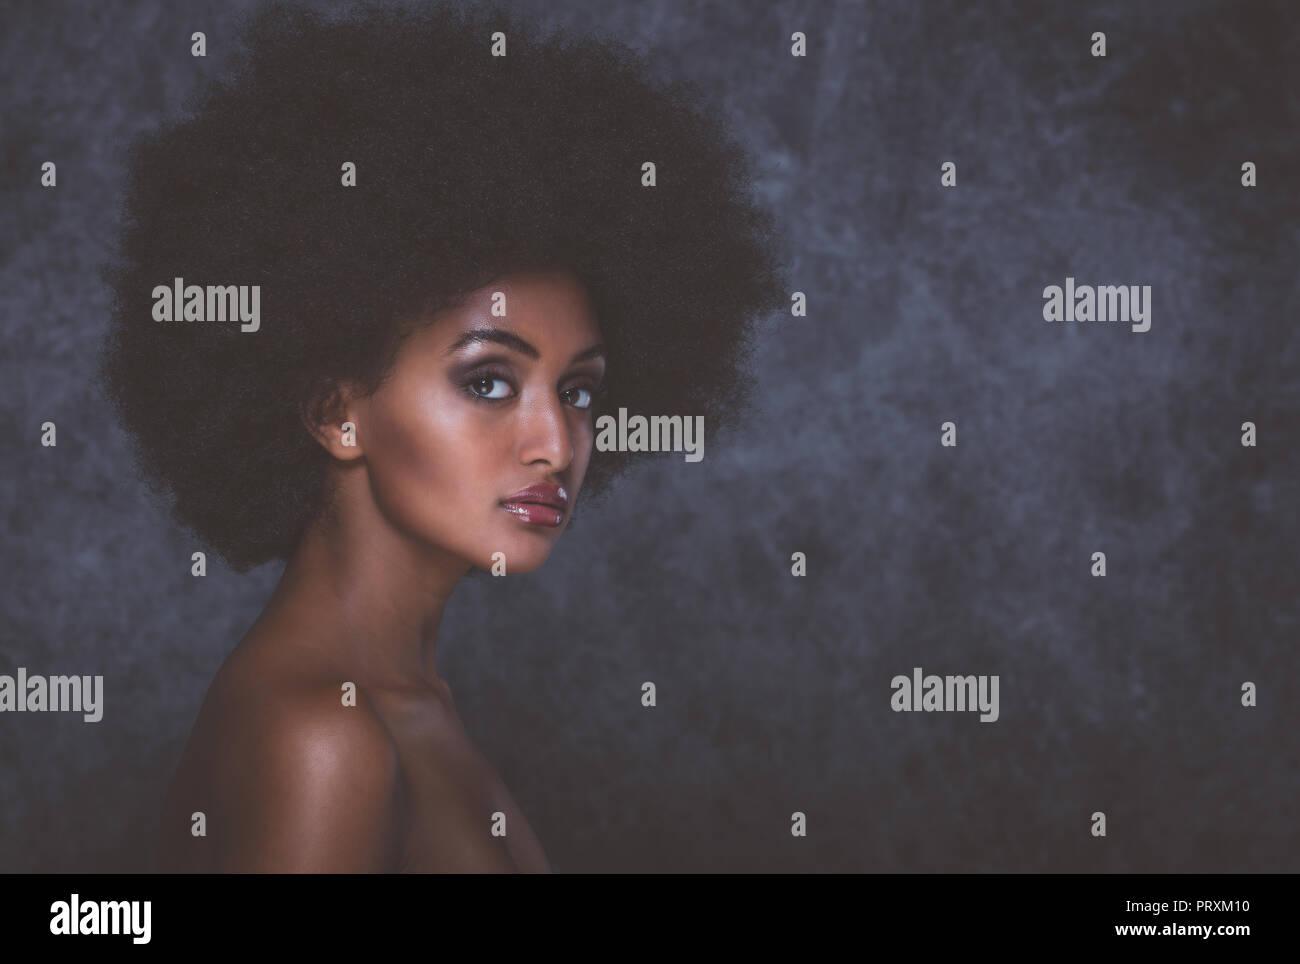 Foto circa Bella donna nera con capelli ricci lussuosi.